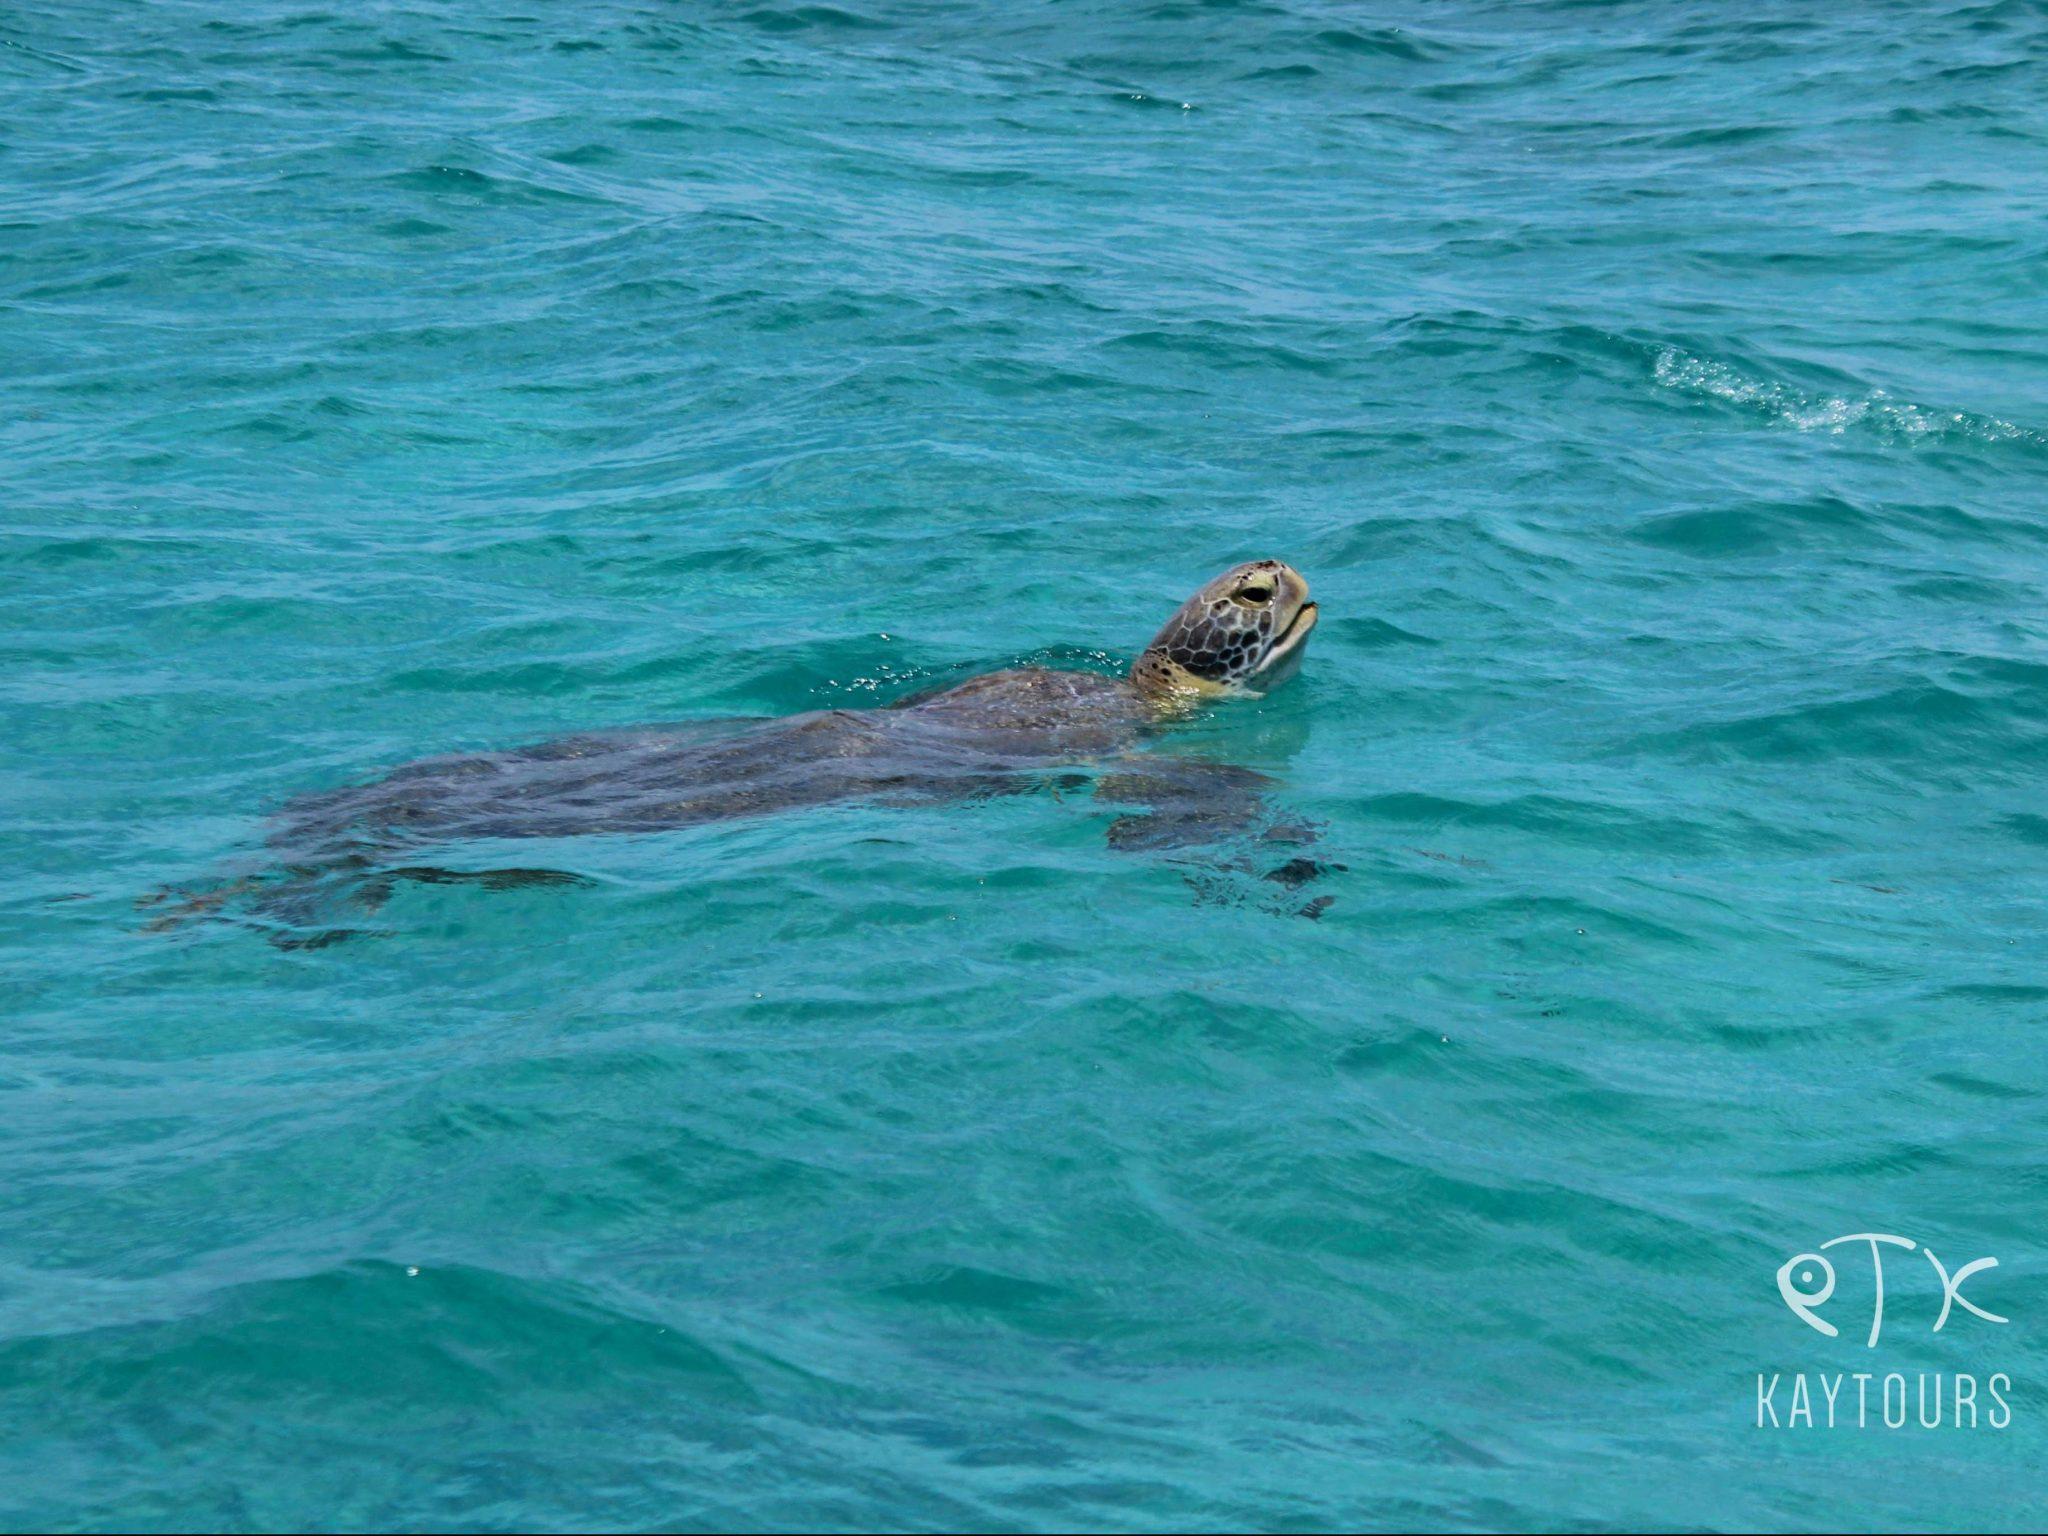 Sian Ka'an sea turtle